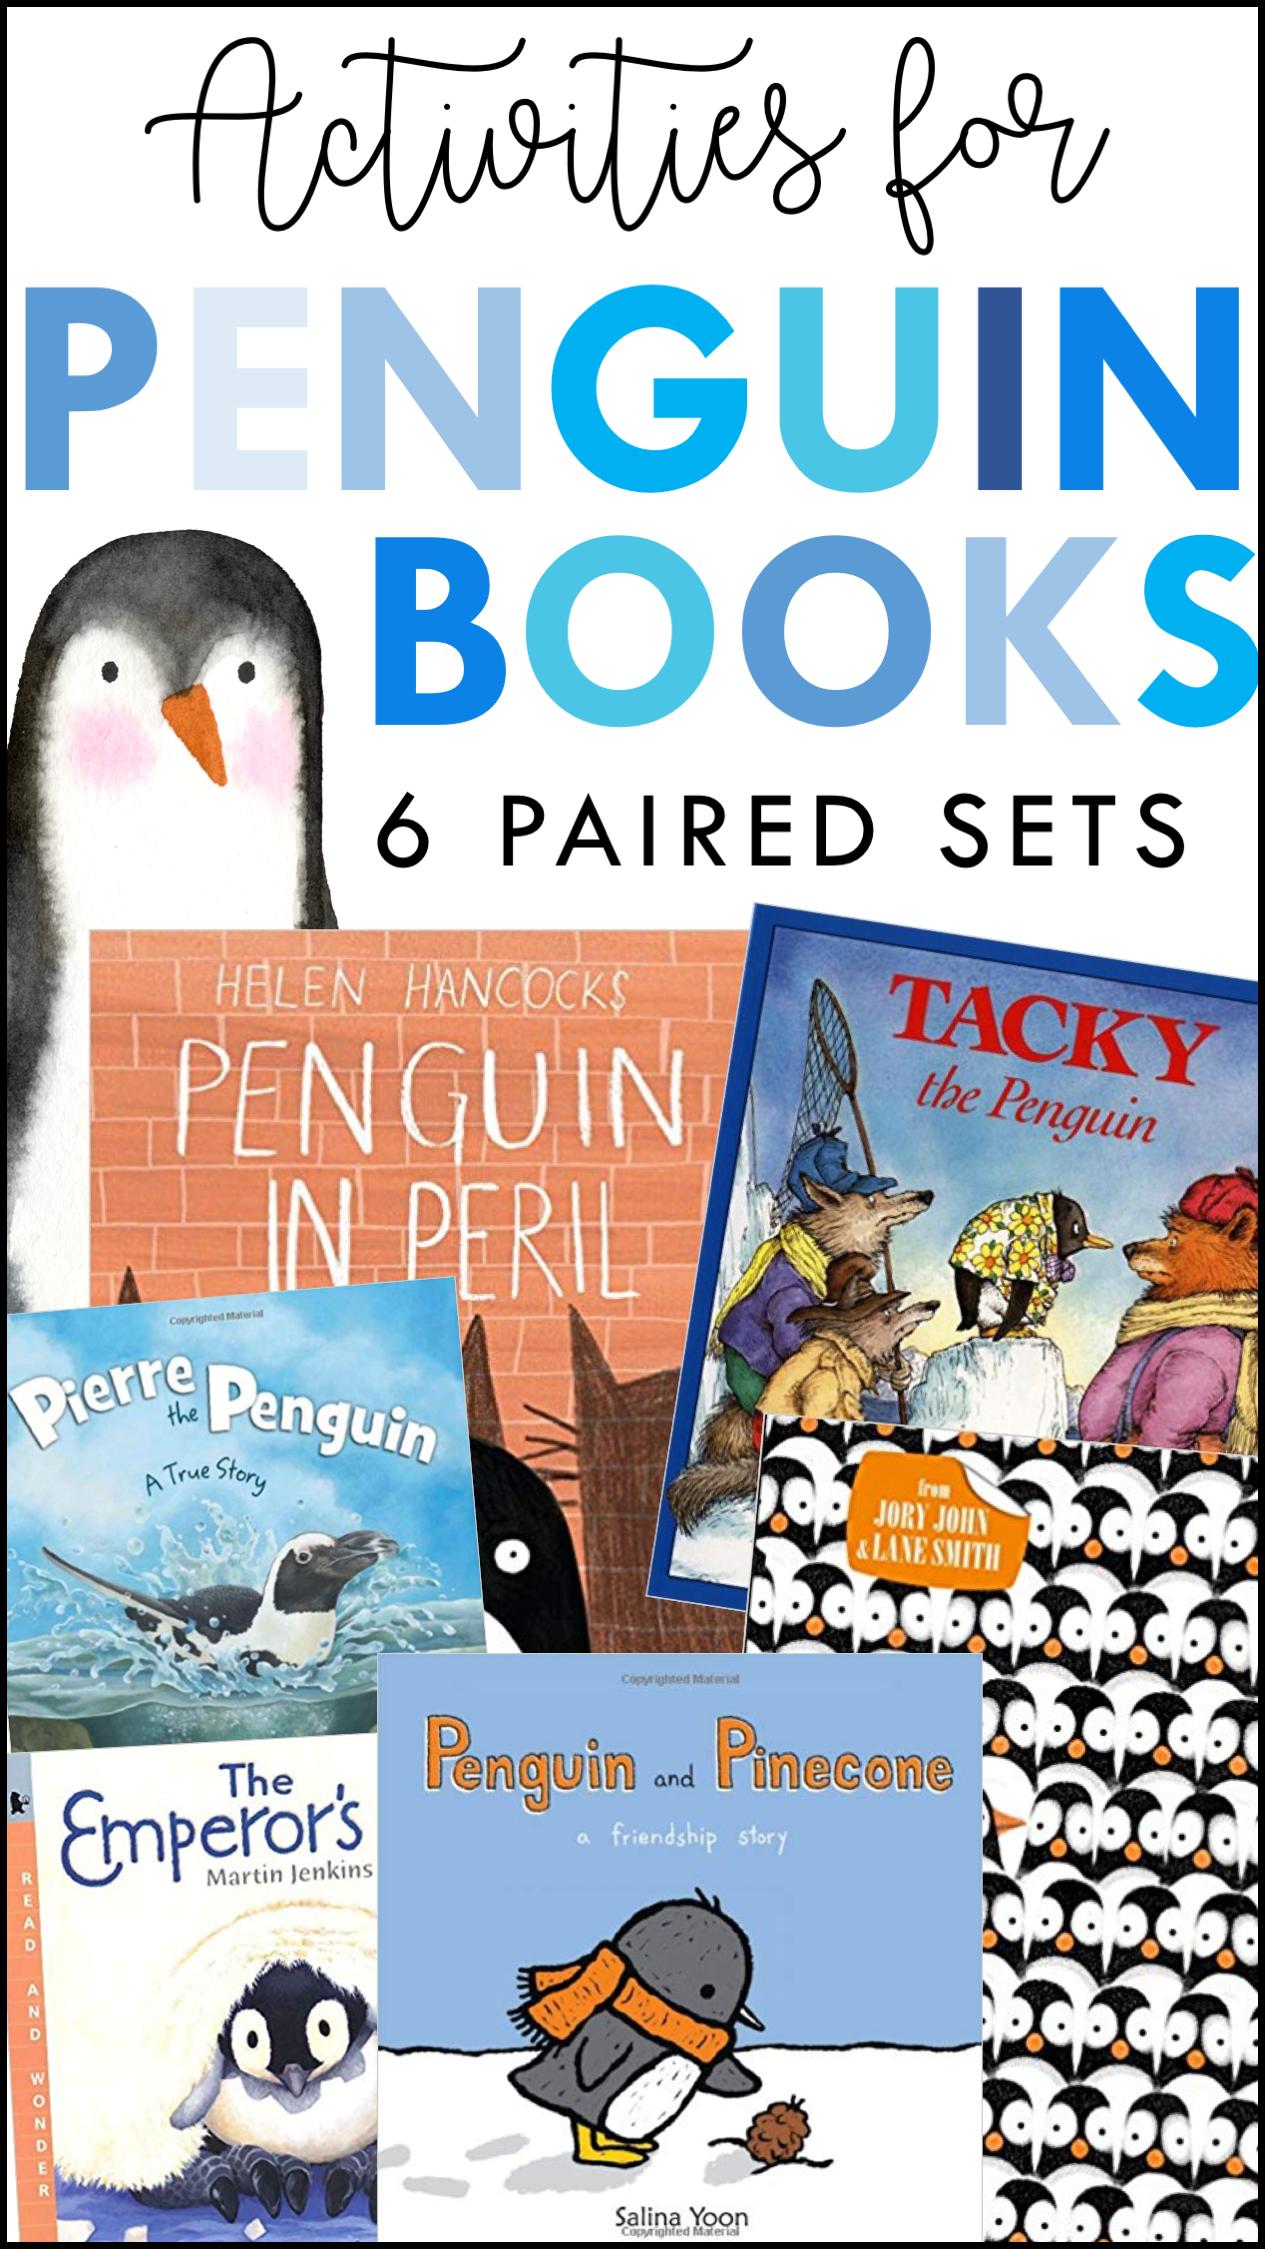 The Best Penguin Books For Kids